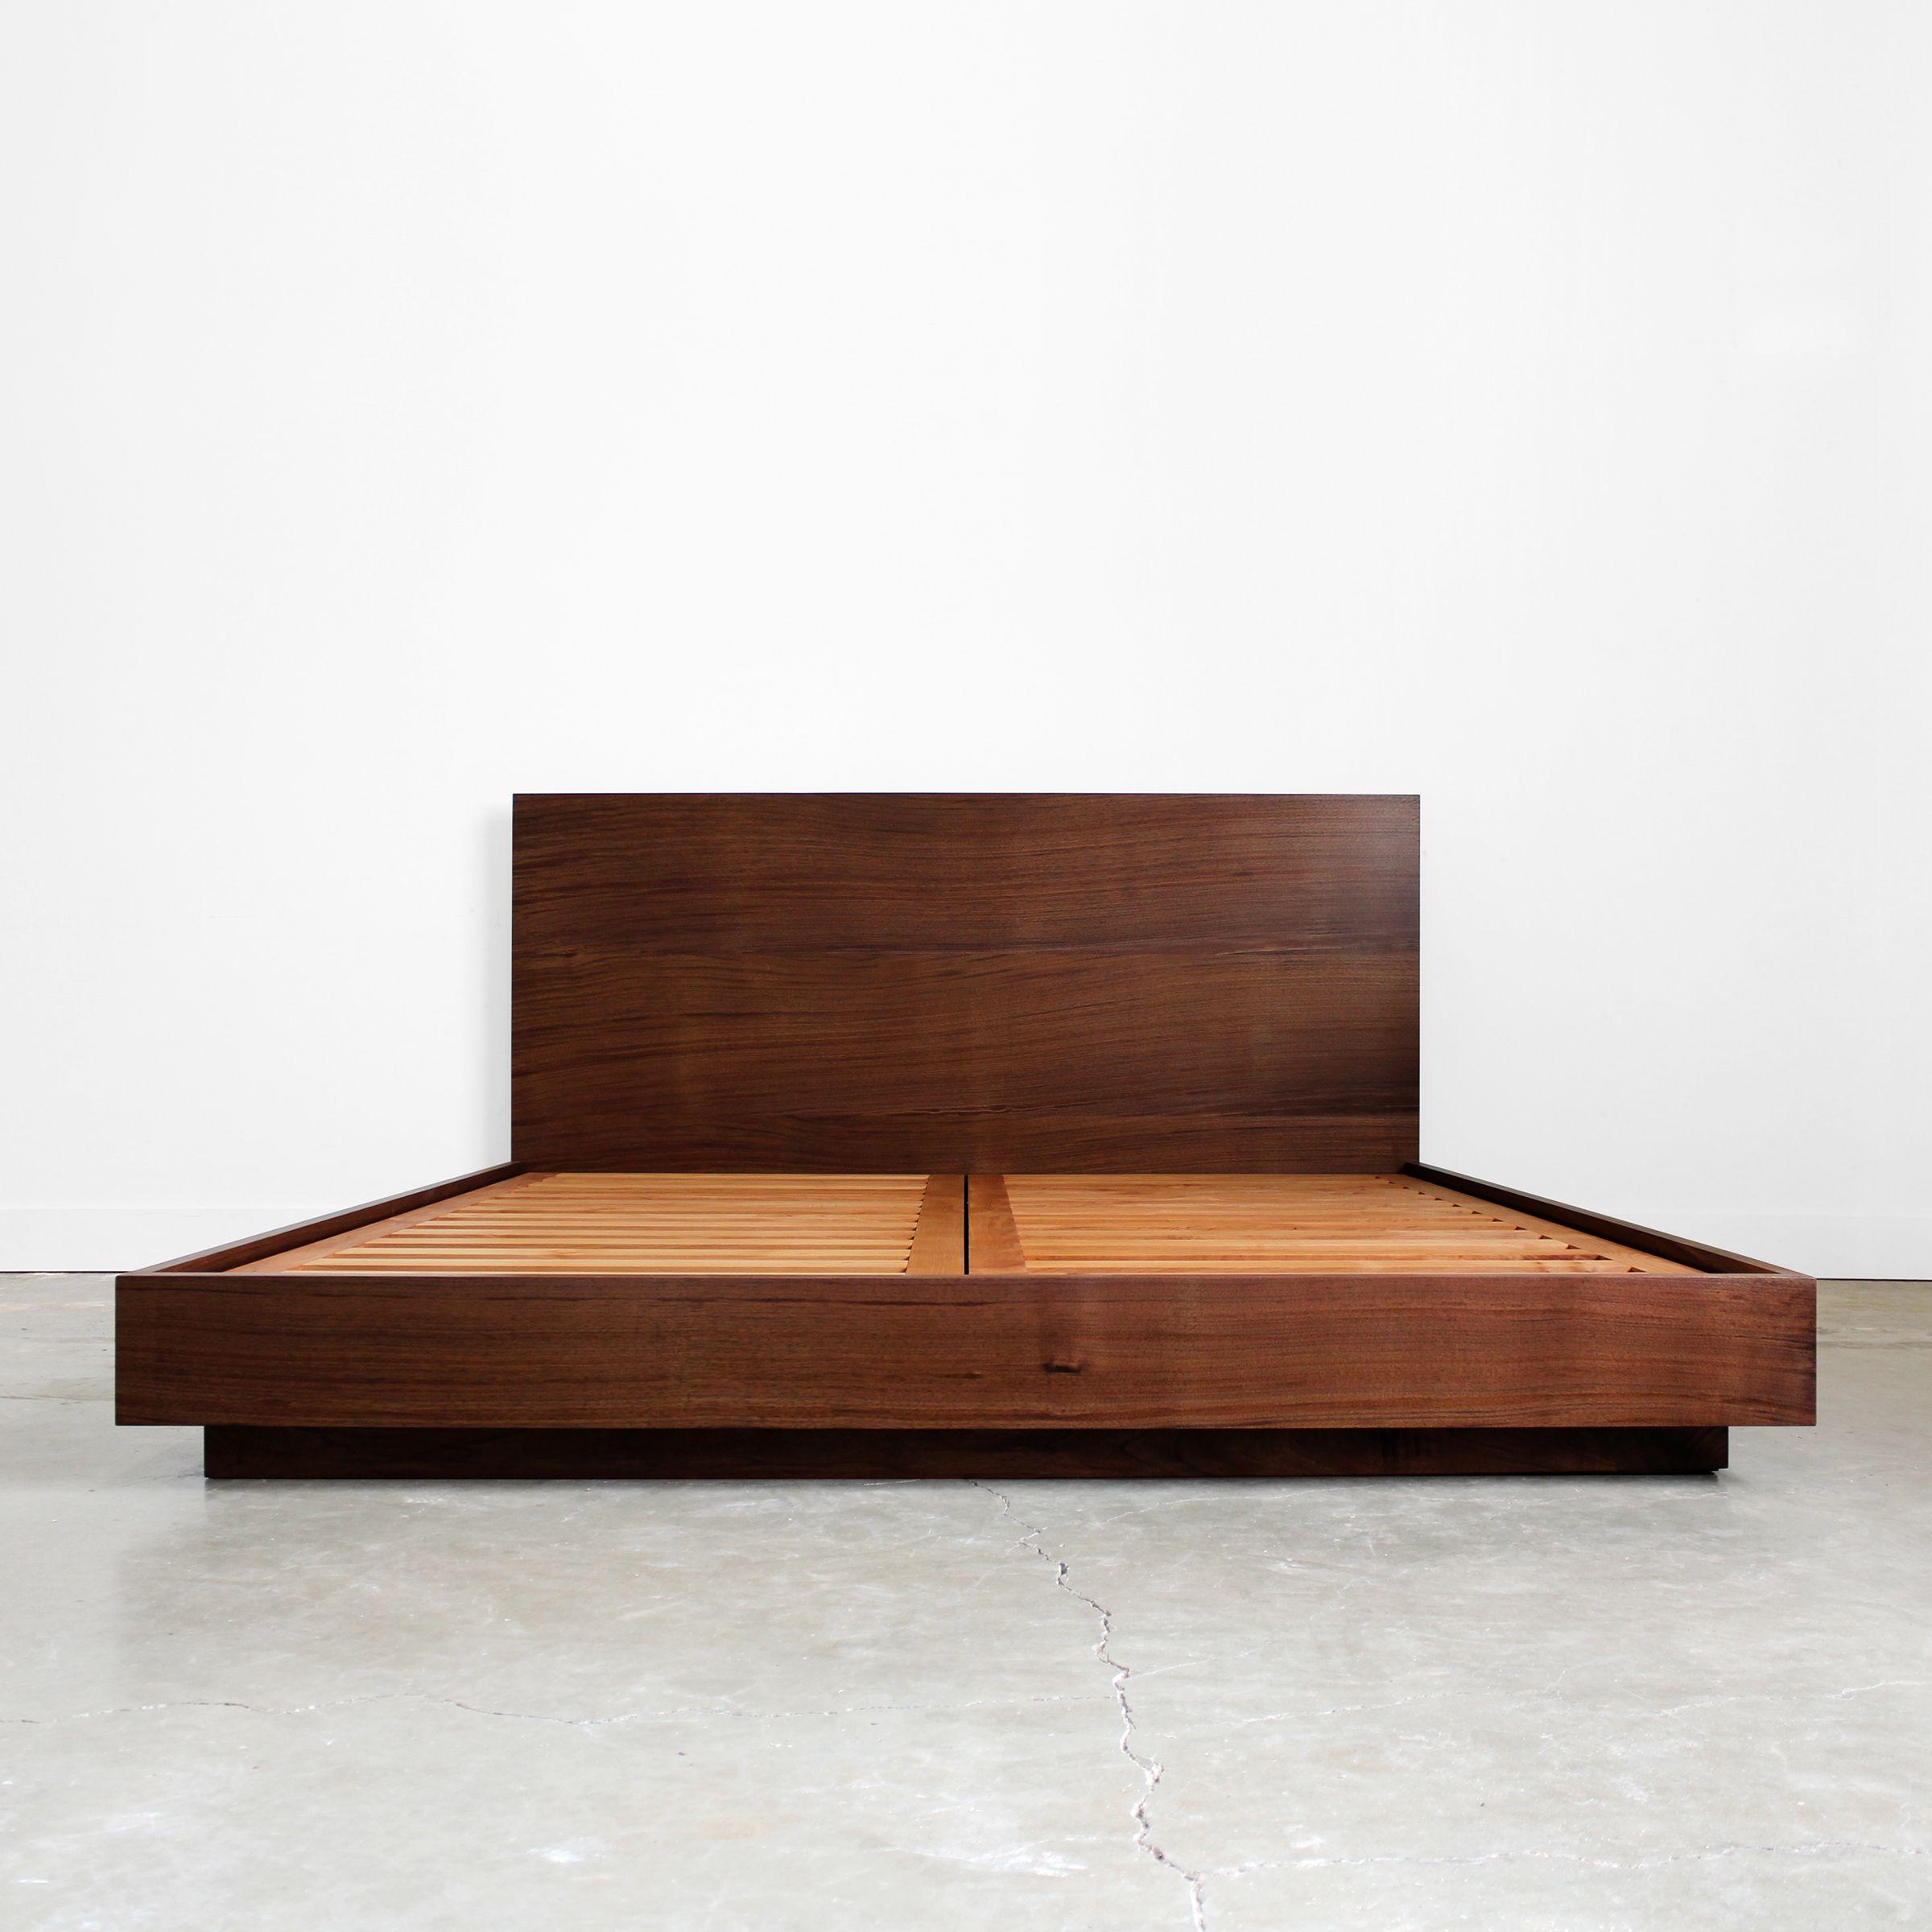 New Hanko Plinth Bed Wooden Bed Design Bed Design Wooden Bed